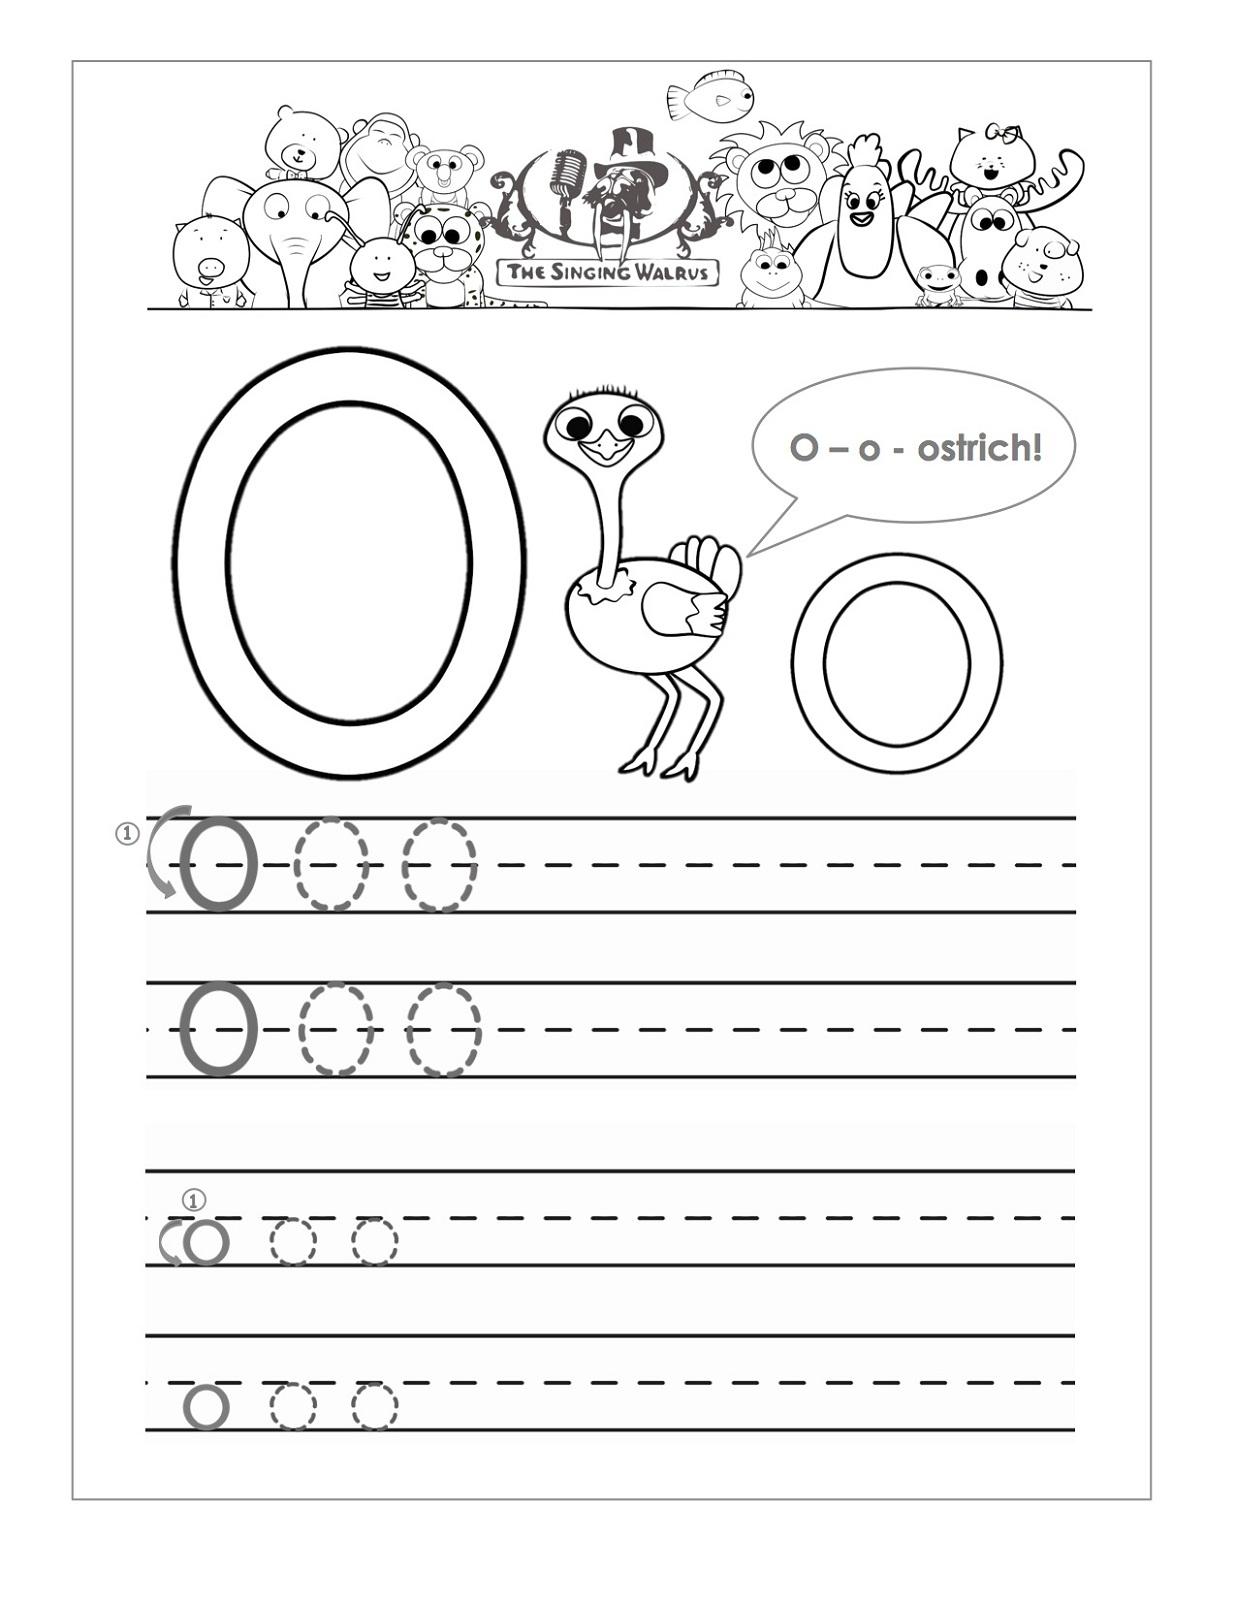 Letter O Worksheets For Preschool | Activity Shelter throughout Letter O Worksheets